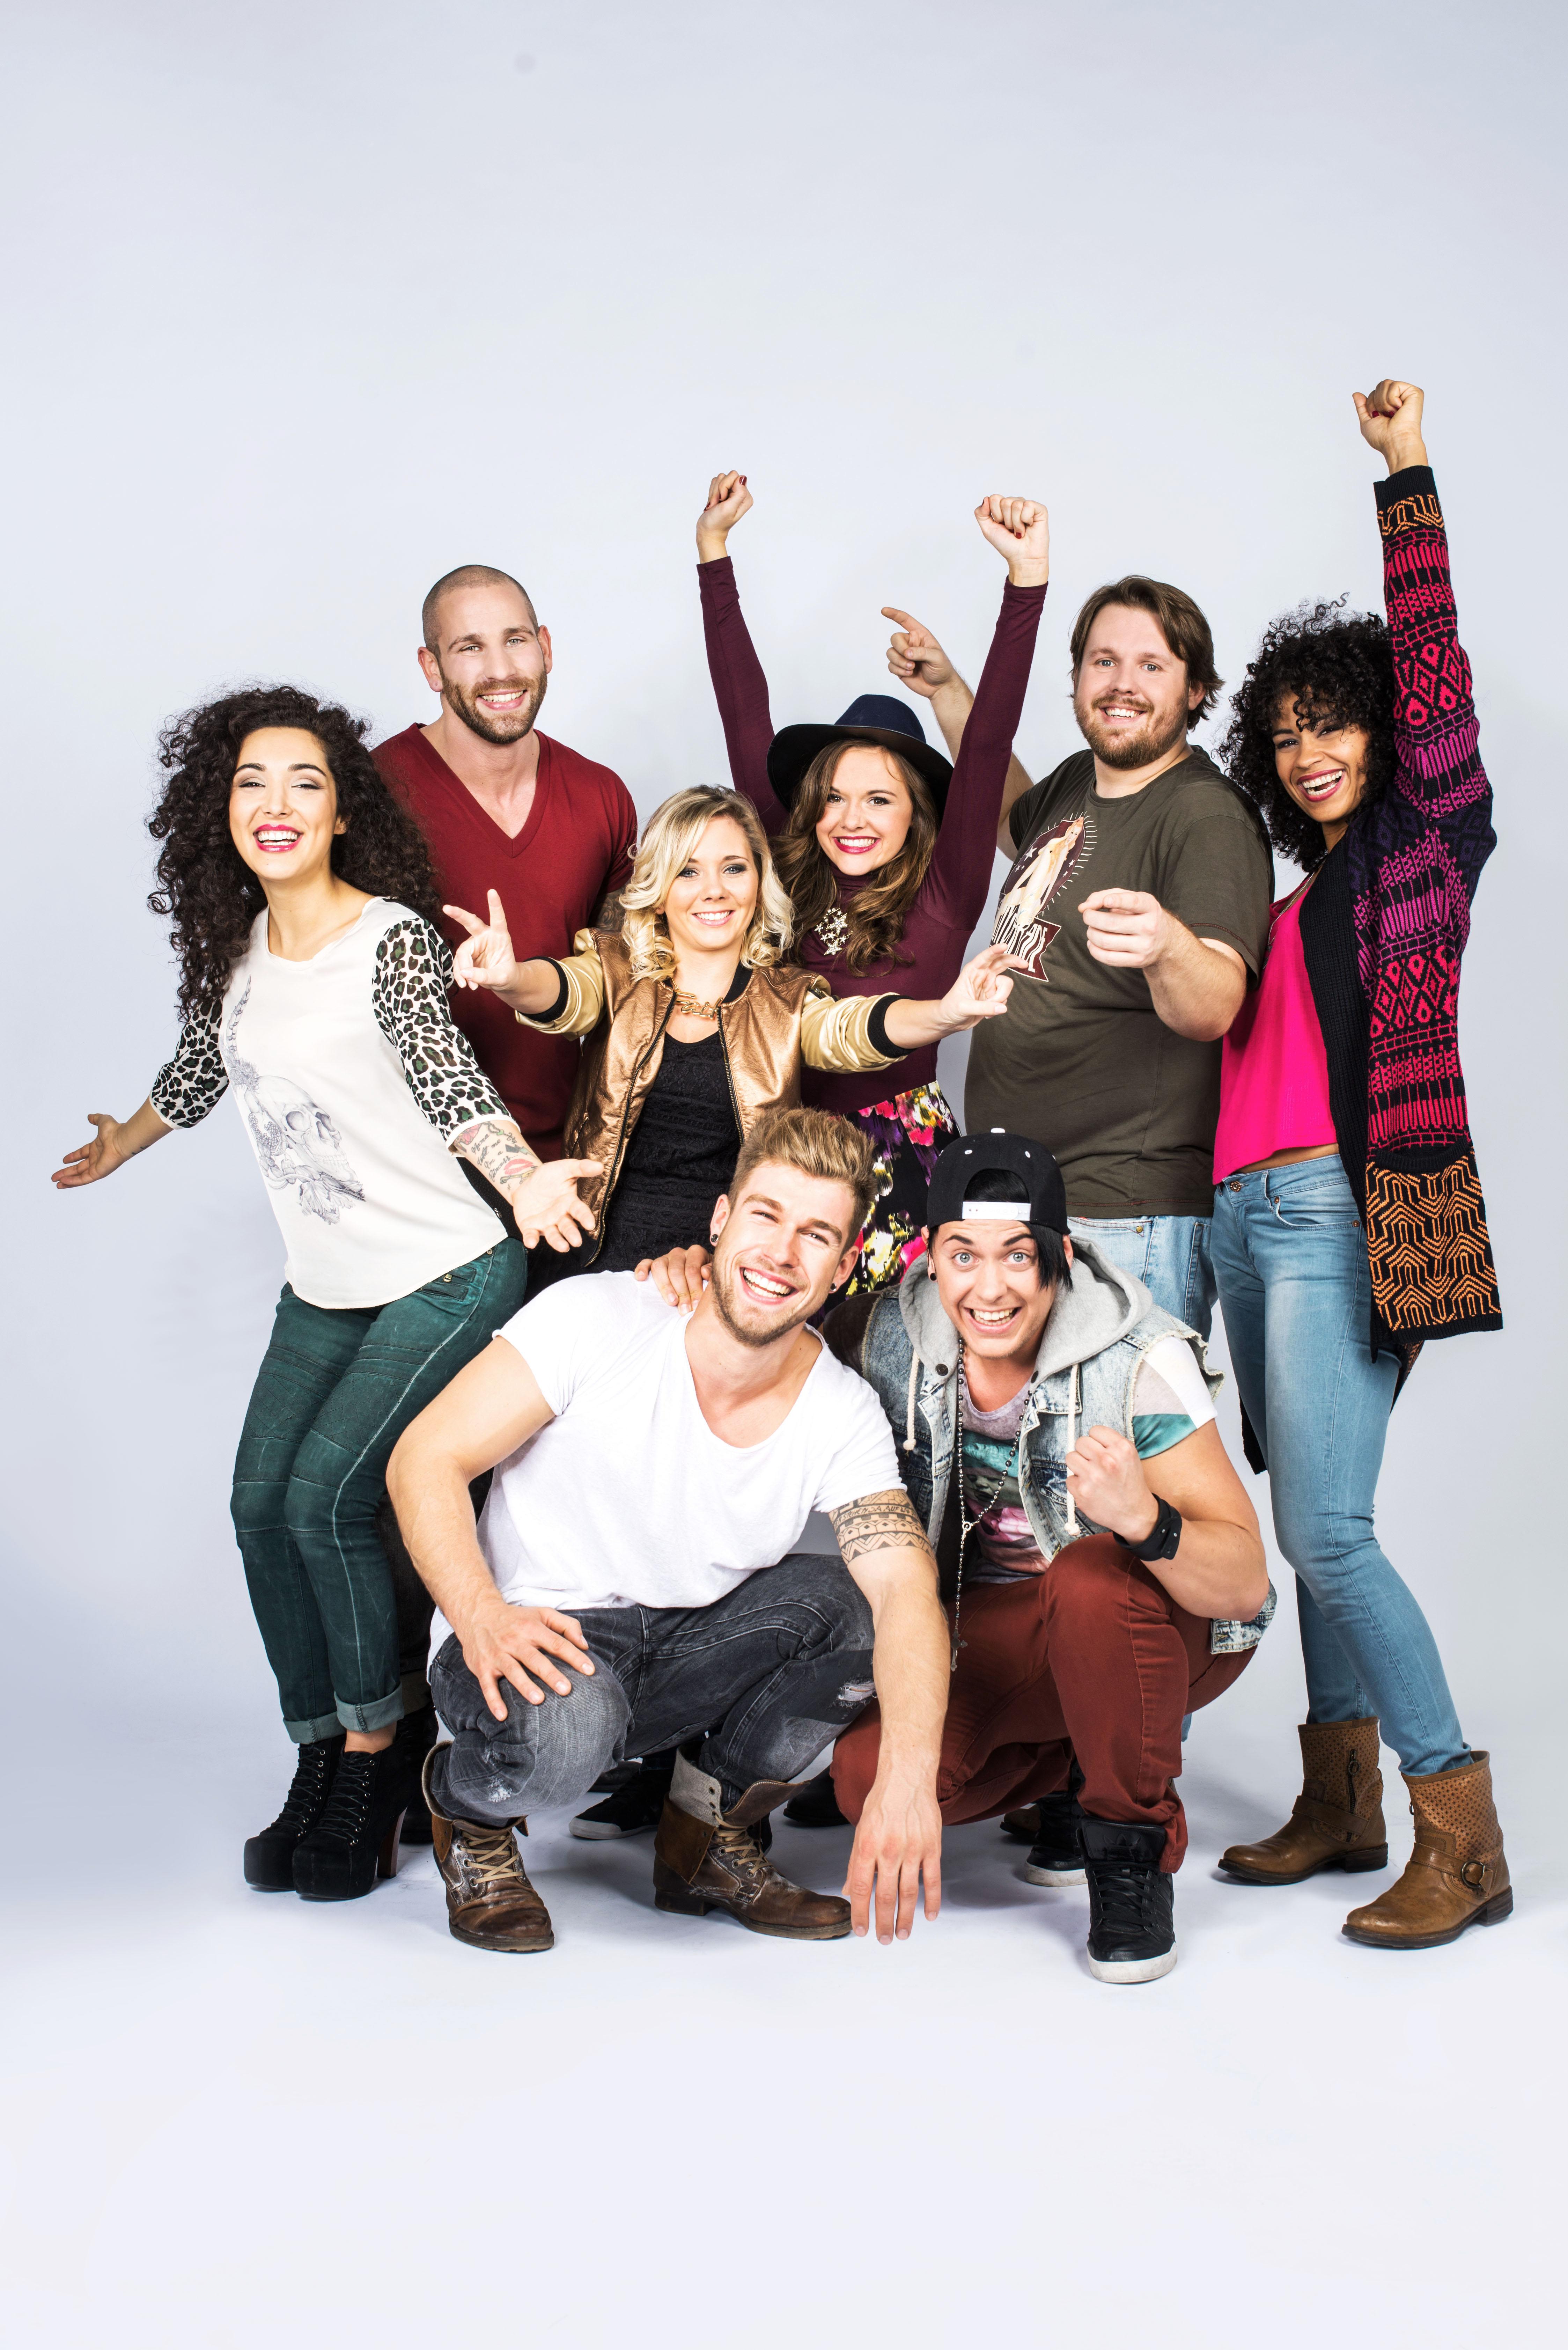 oben v.l.n.r.: Joleen, Patrick, Chantal, Anna, Jan, Sam; unten: Chris und Kevin